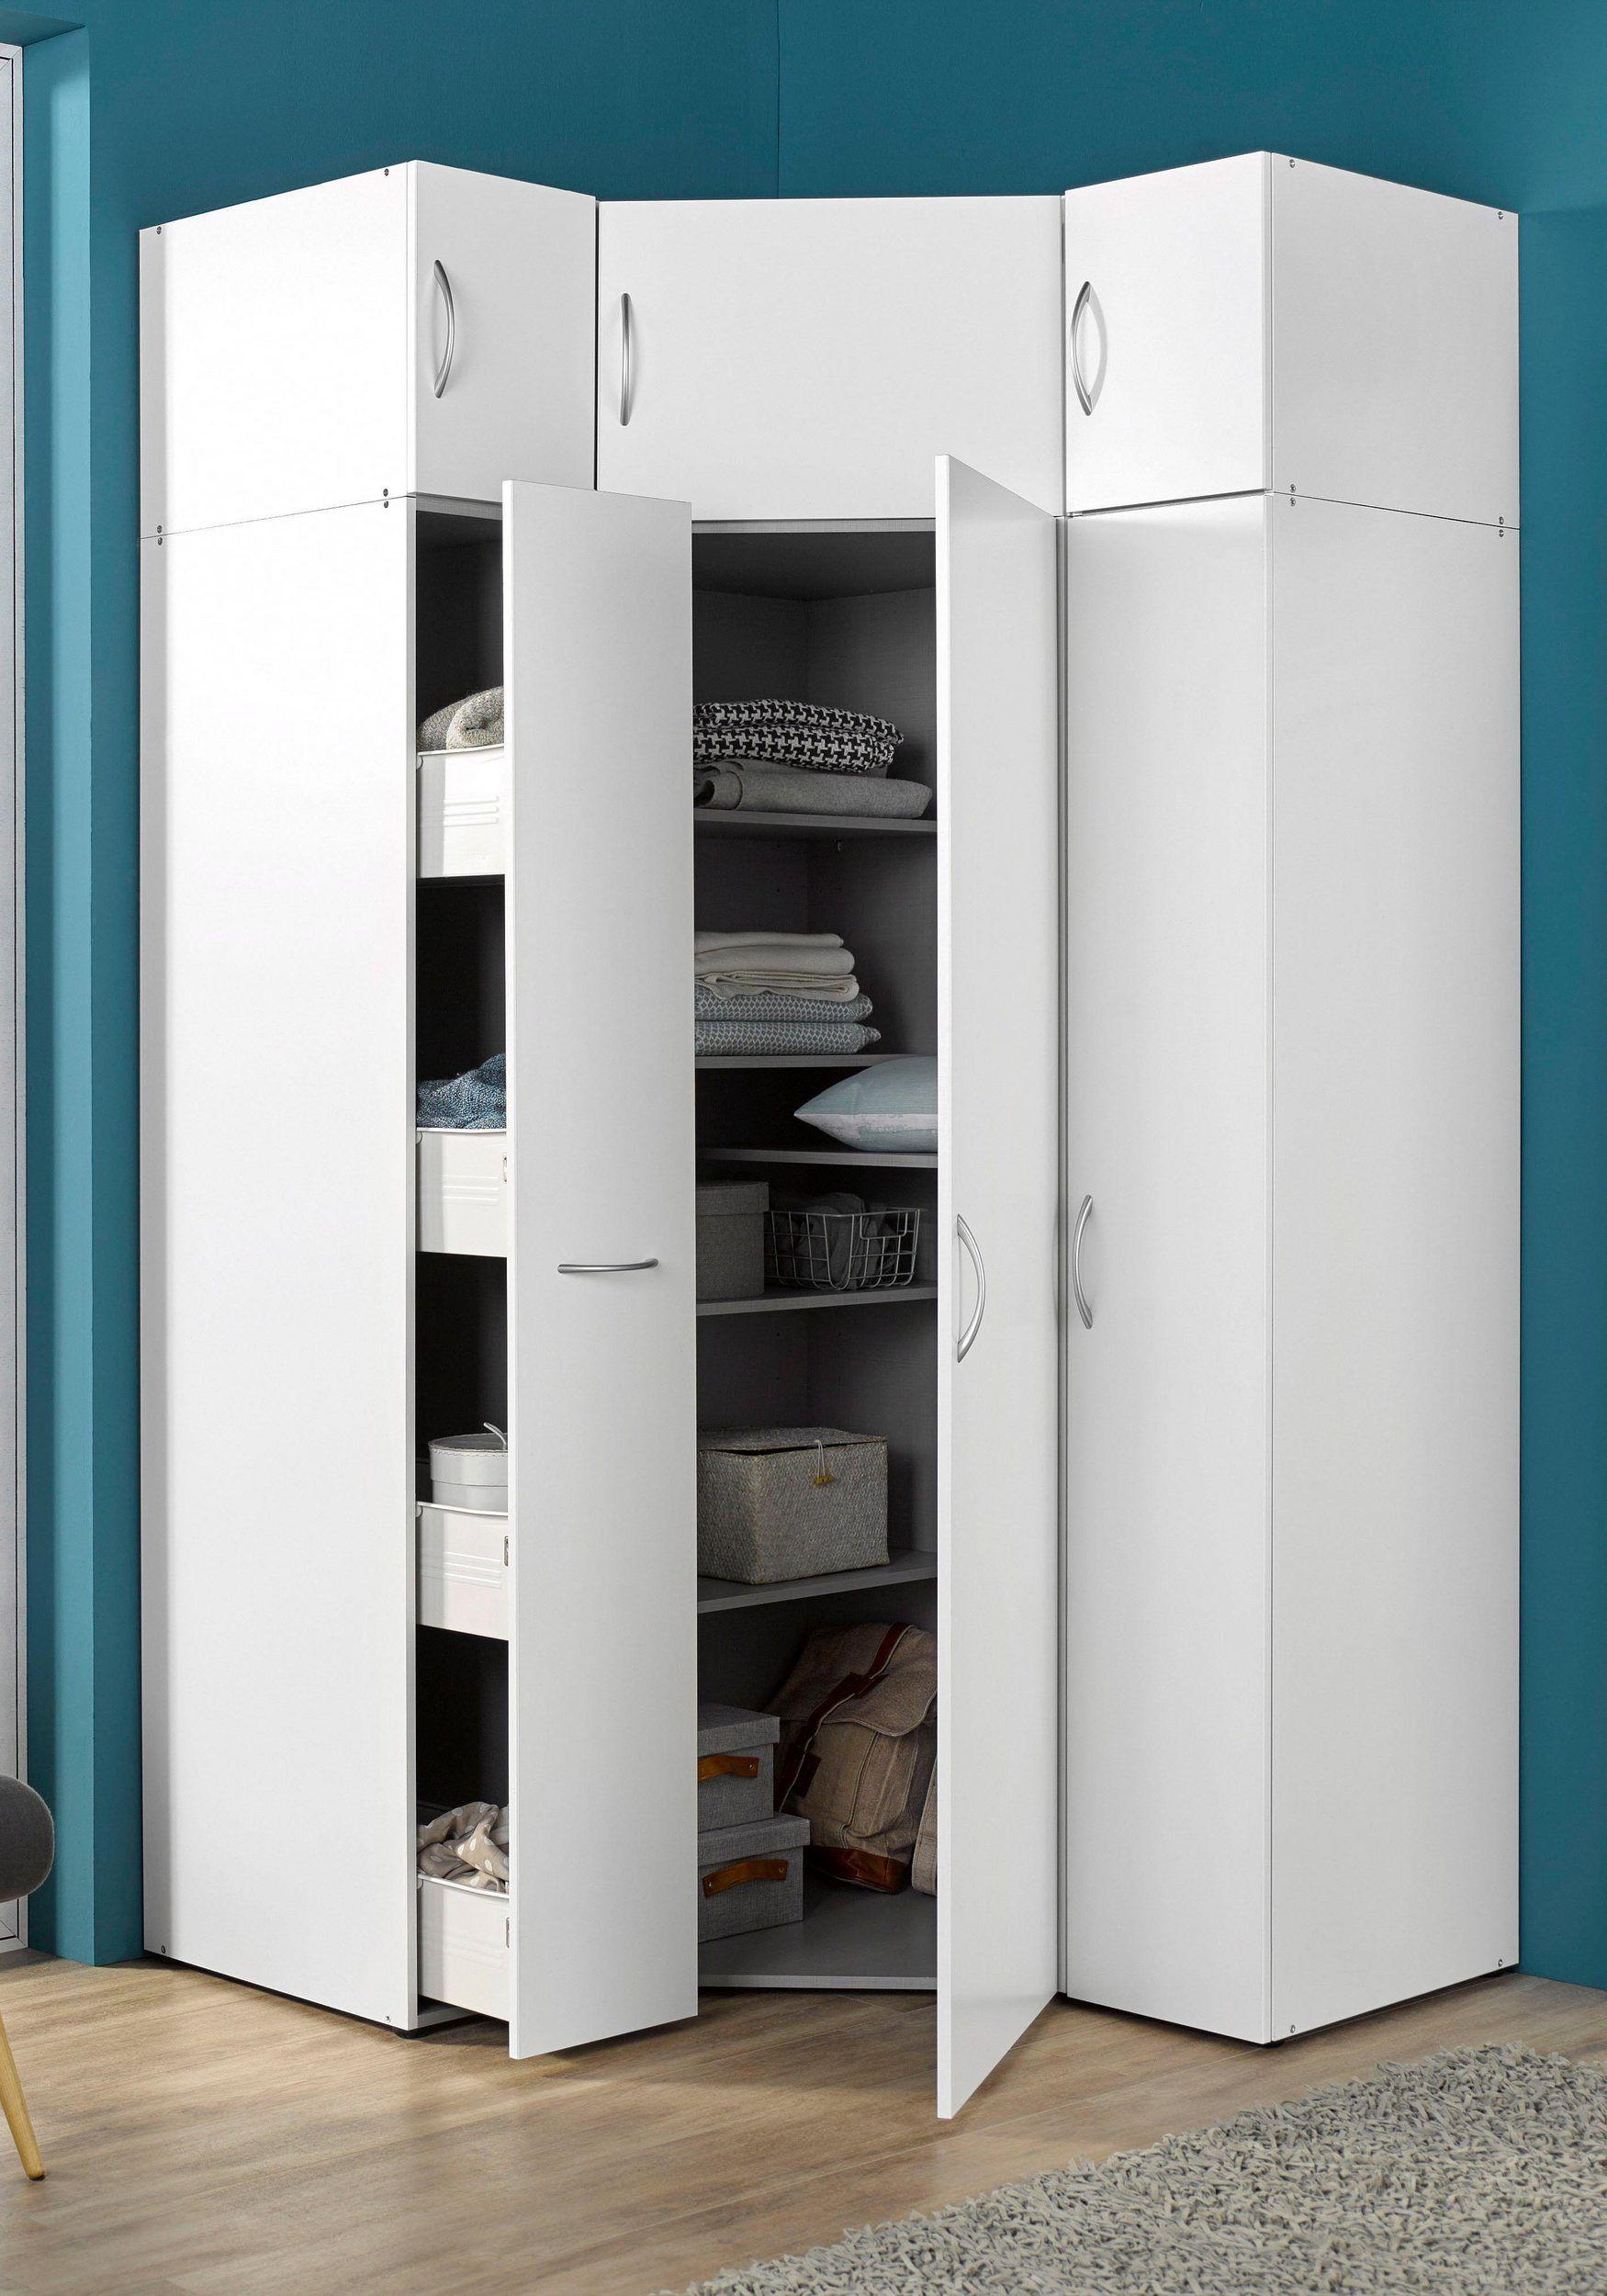 Wimex Schrank »Multiraumkonzept« in 2019 | Pflegeschlafzimmer ...